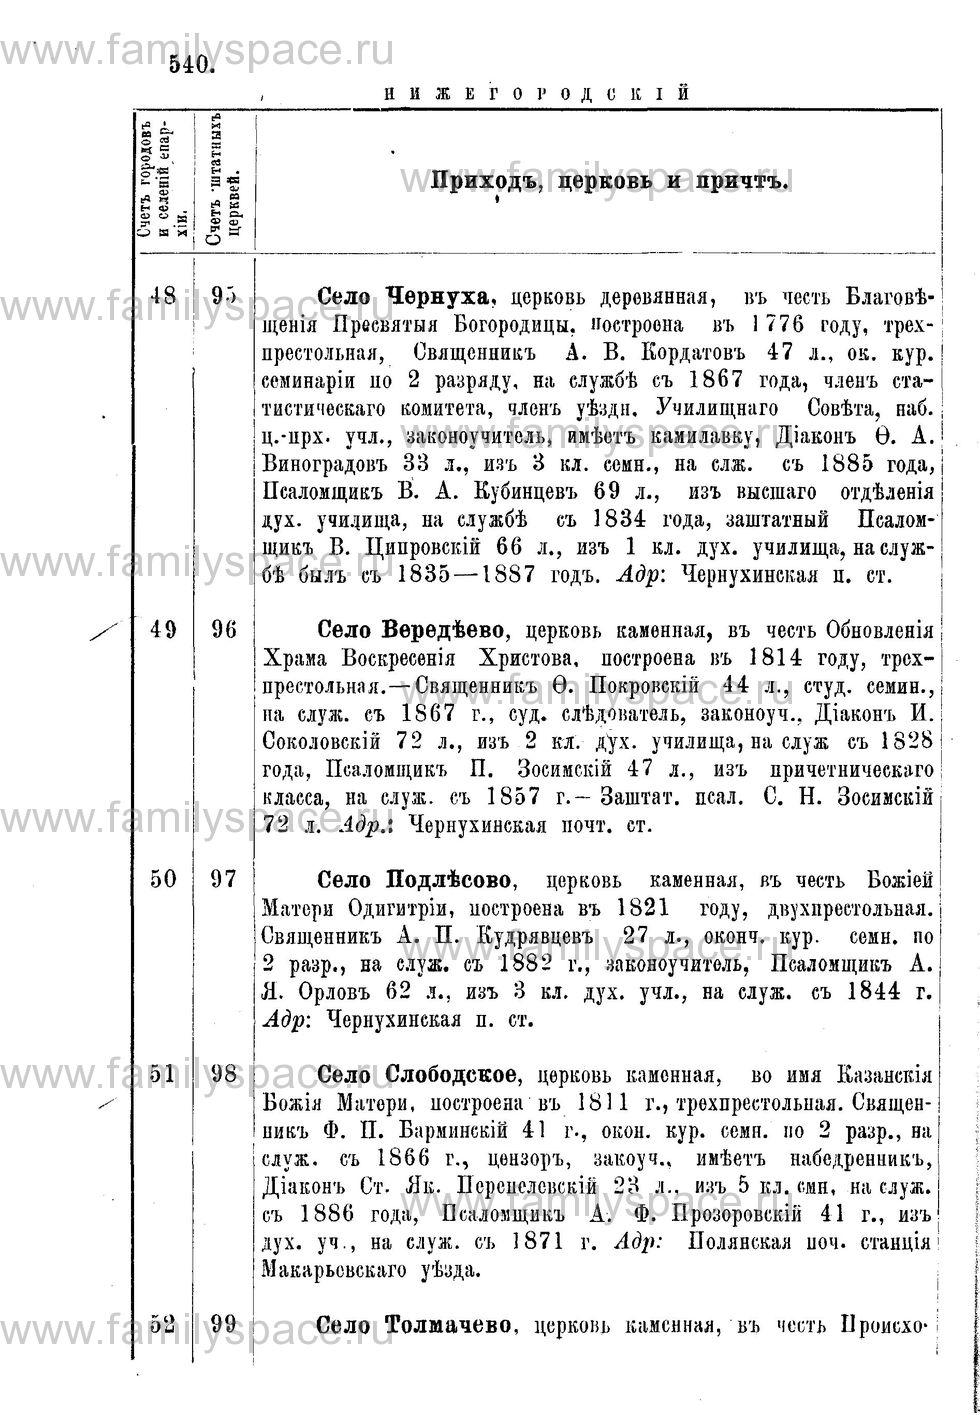 Поиск по фамилии - Адрес-календарь Нижегородской епархии на 1888 год, страница 1540